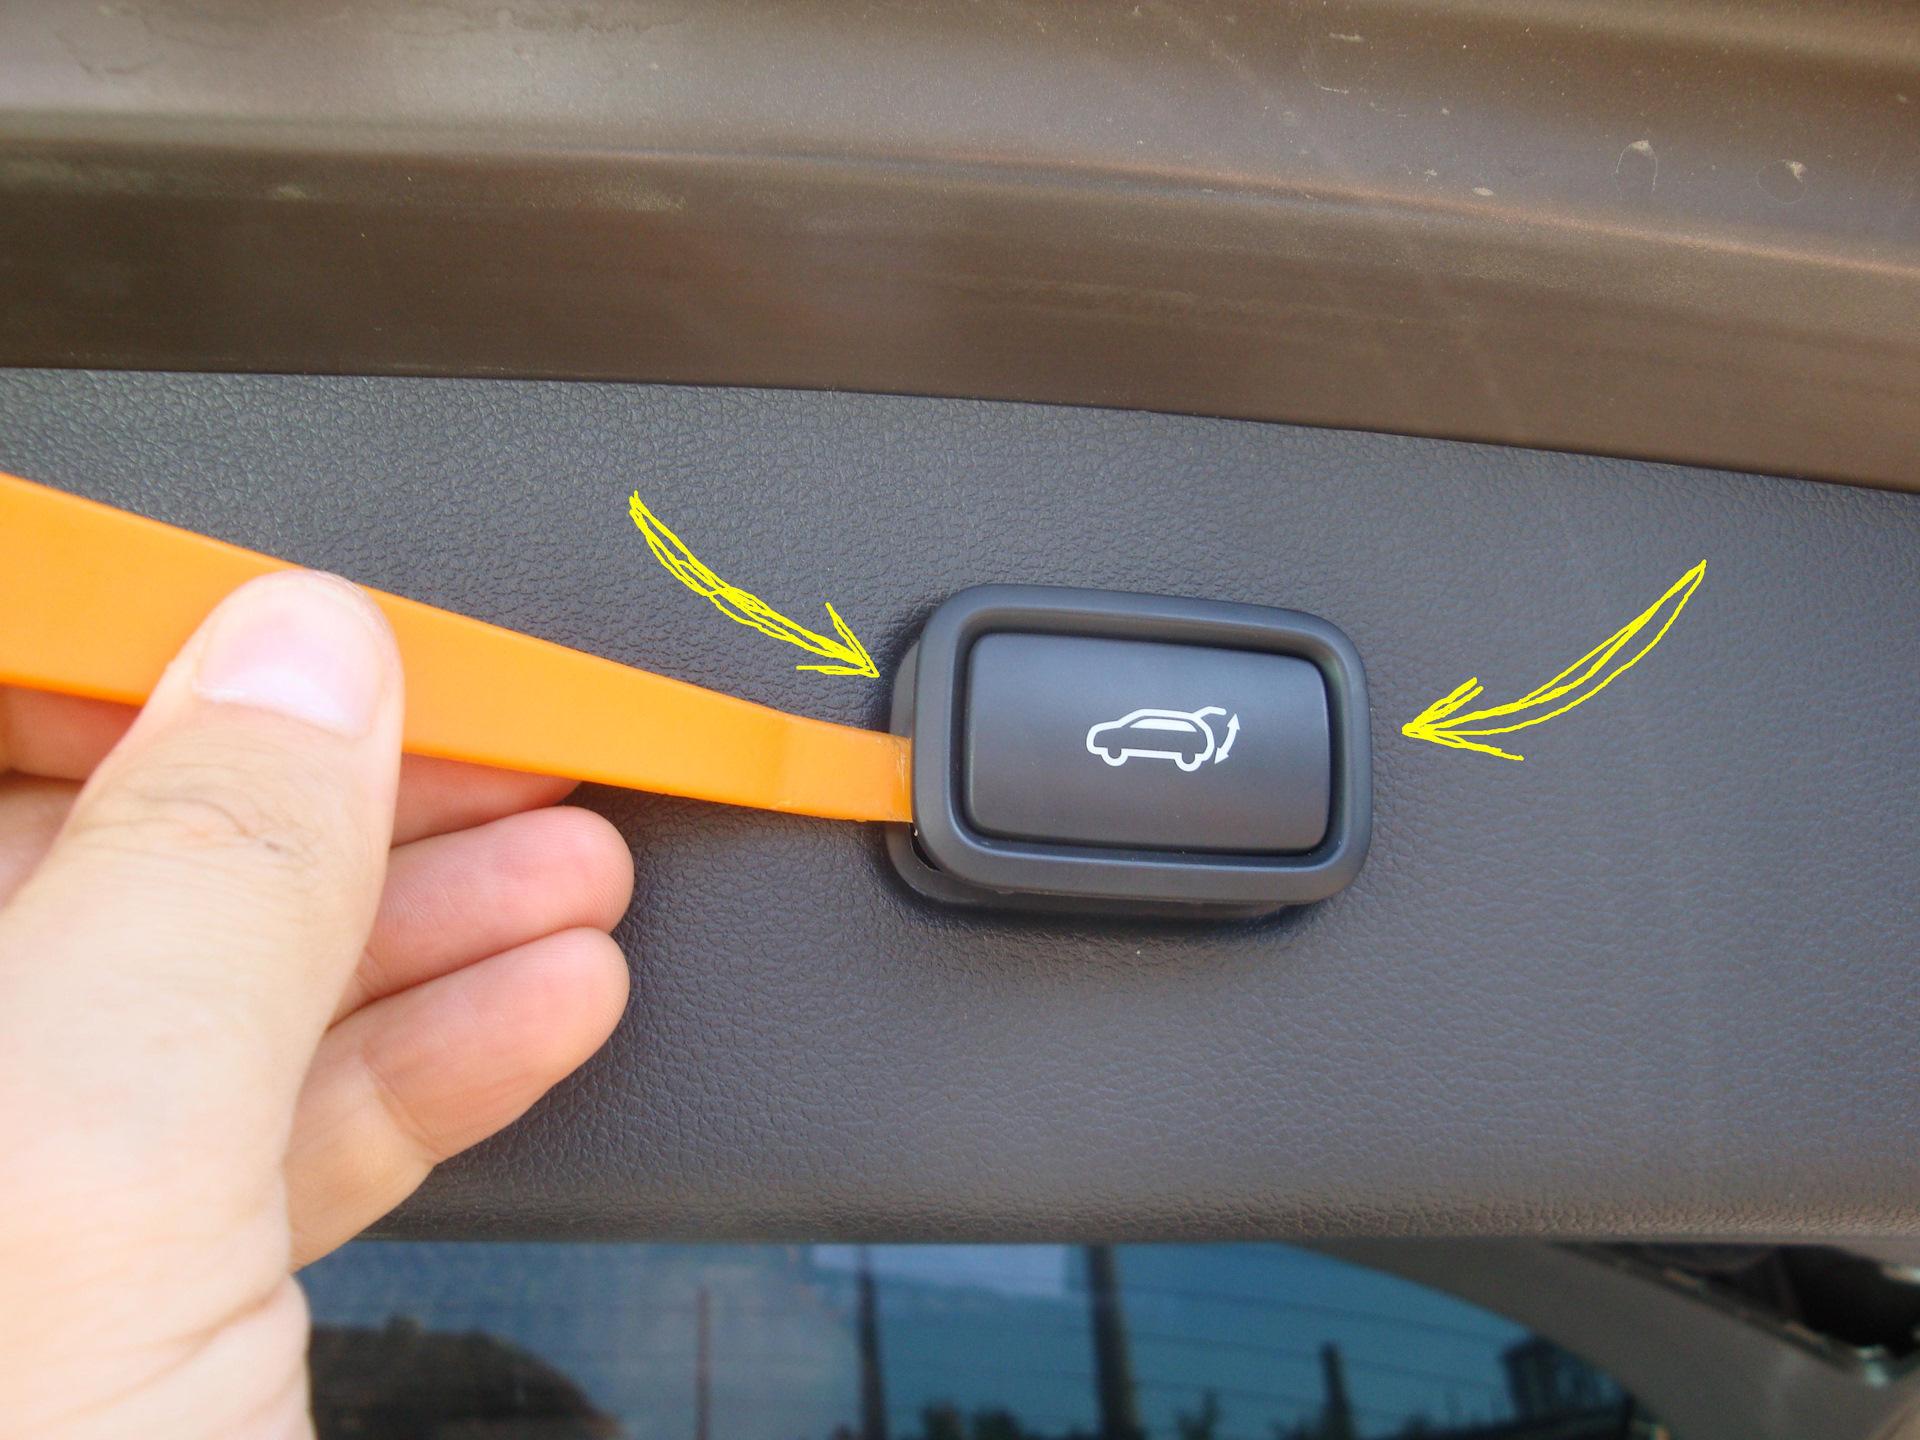 При открытии пассажирской двери Hyundai Tucson ключом открываются все двери